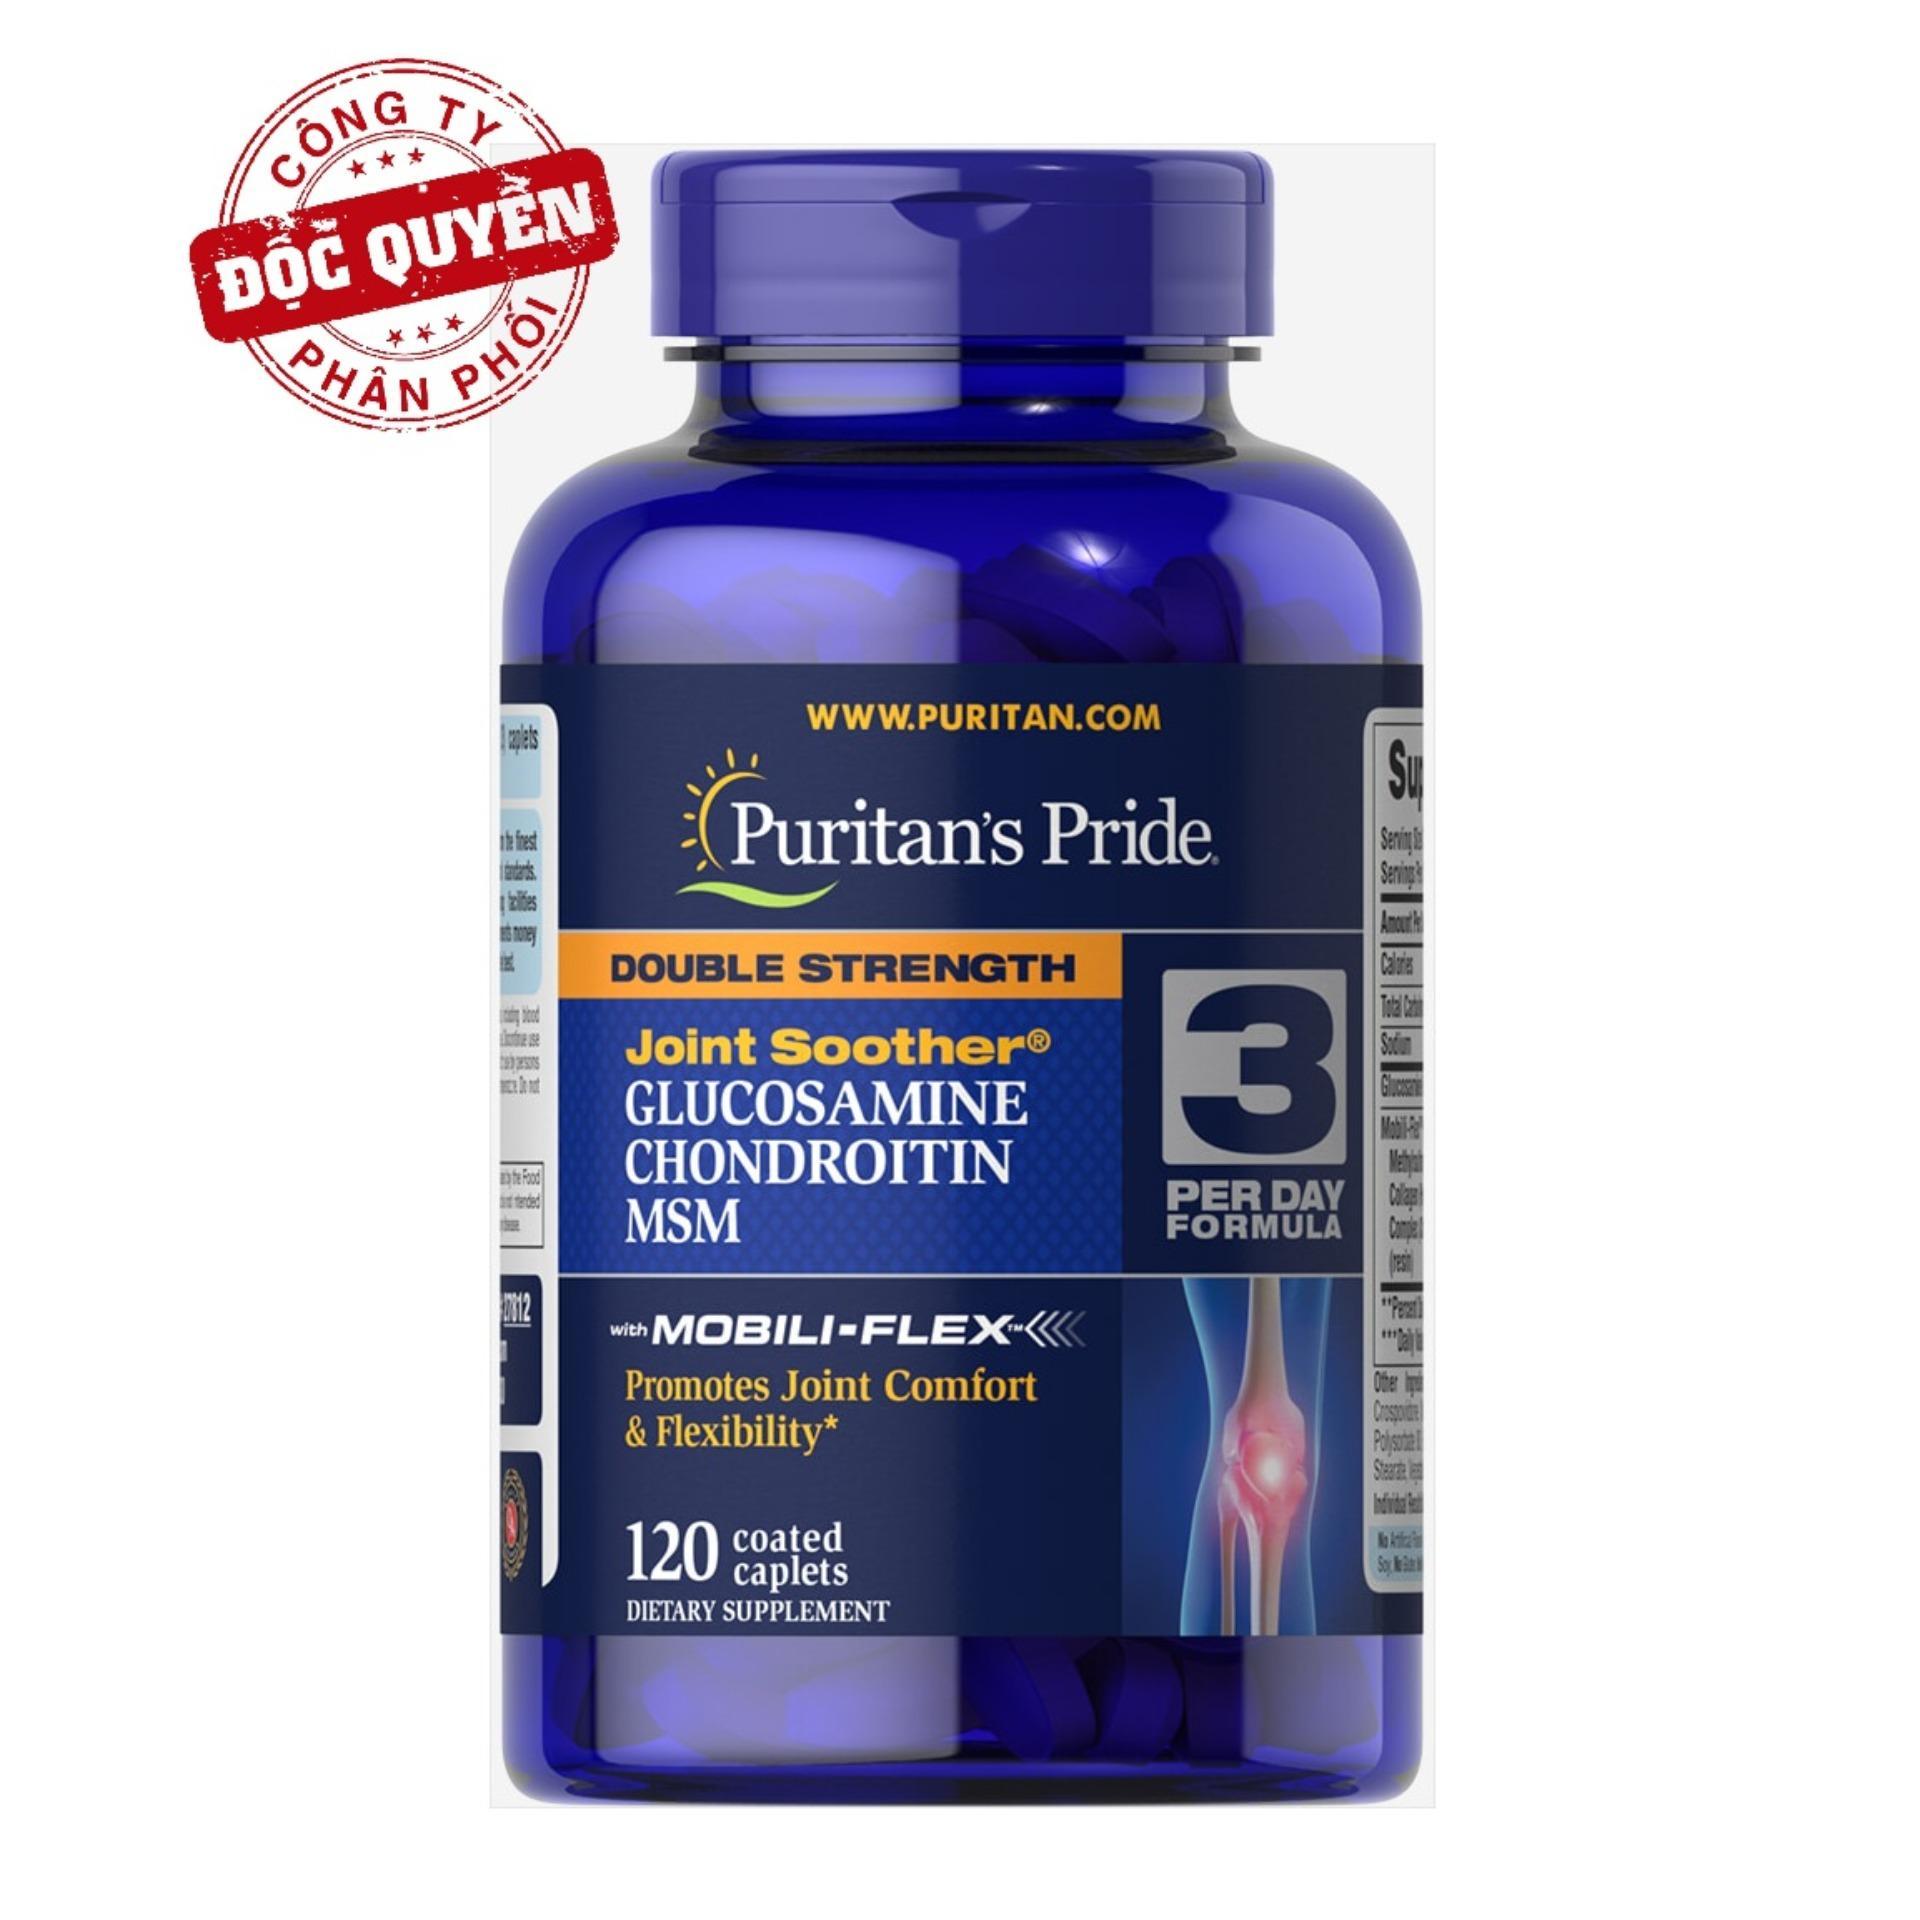 Viên uống giảm thoái hóa khớp, giảm đau viêm khớp, tăng cường dịch khớp, giúp khớp cử động linh hoạt Puritan's Pride Double Strength Glucosamine, Chondroitin & MSM 120 viên HSD tháng 4/2020